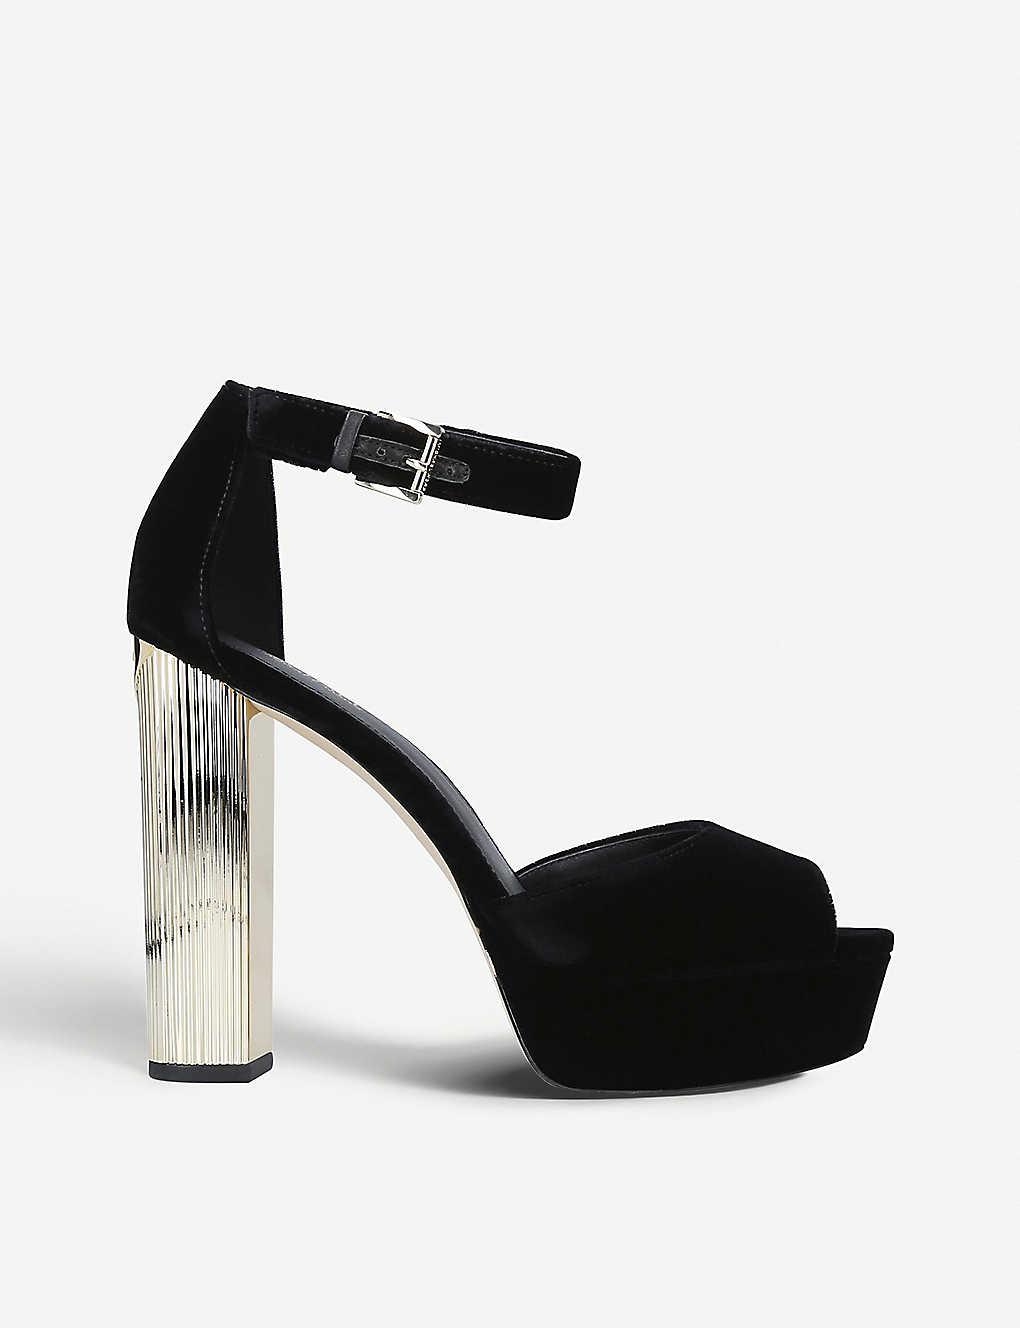 6f7648396c6 MICHAEL MICHAEL KORS - Paloma suede platform sandals   Selfridges.com